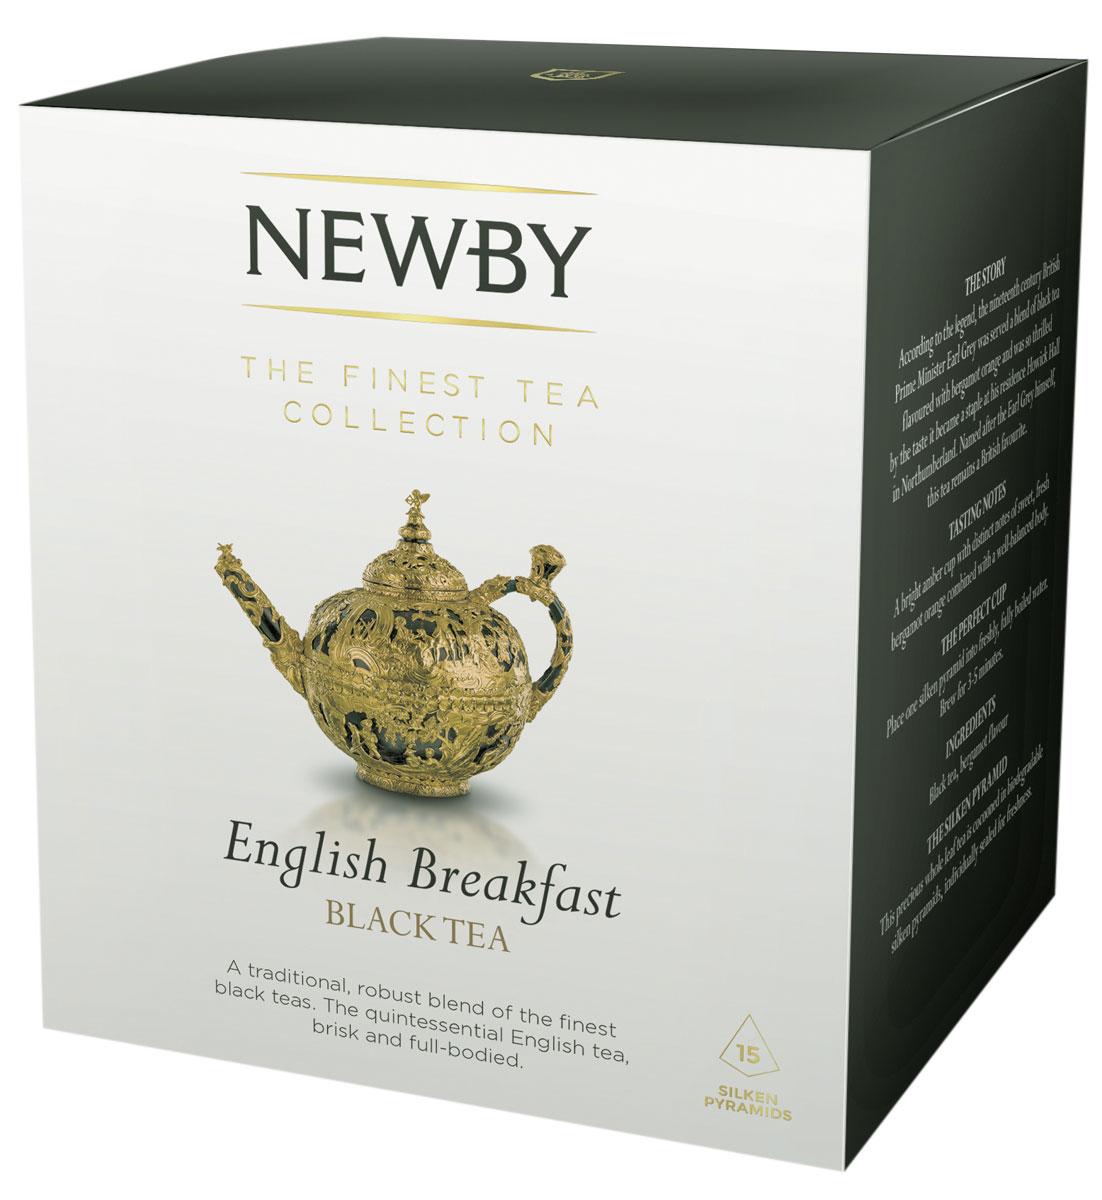 Newby English Breakfast черный чай в пирамидках, 15 шт600050ANewby English Breakfast сочетает в себе традиционный купаж черных сортов чая из Ассама, Цейлона и Кении. Чашка насыщенного янтарного цвета и богатого вкуса идеальна для начала дня. Каждая пирамидка упакована в индивидуальное саше из алюминиевой фольги для сохранения свежести чайного листа.